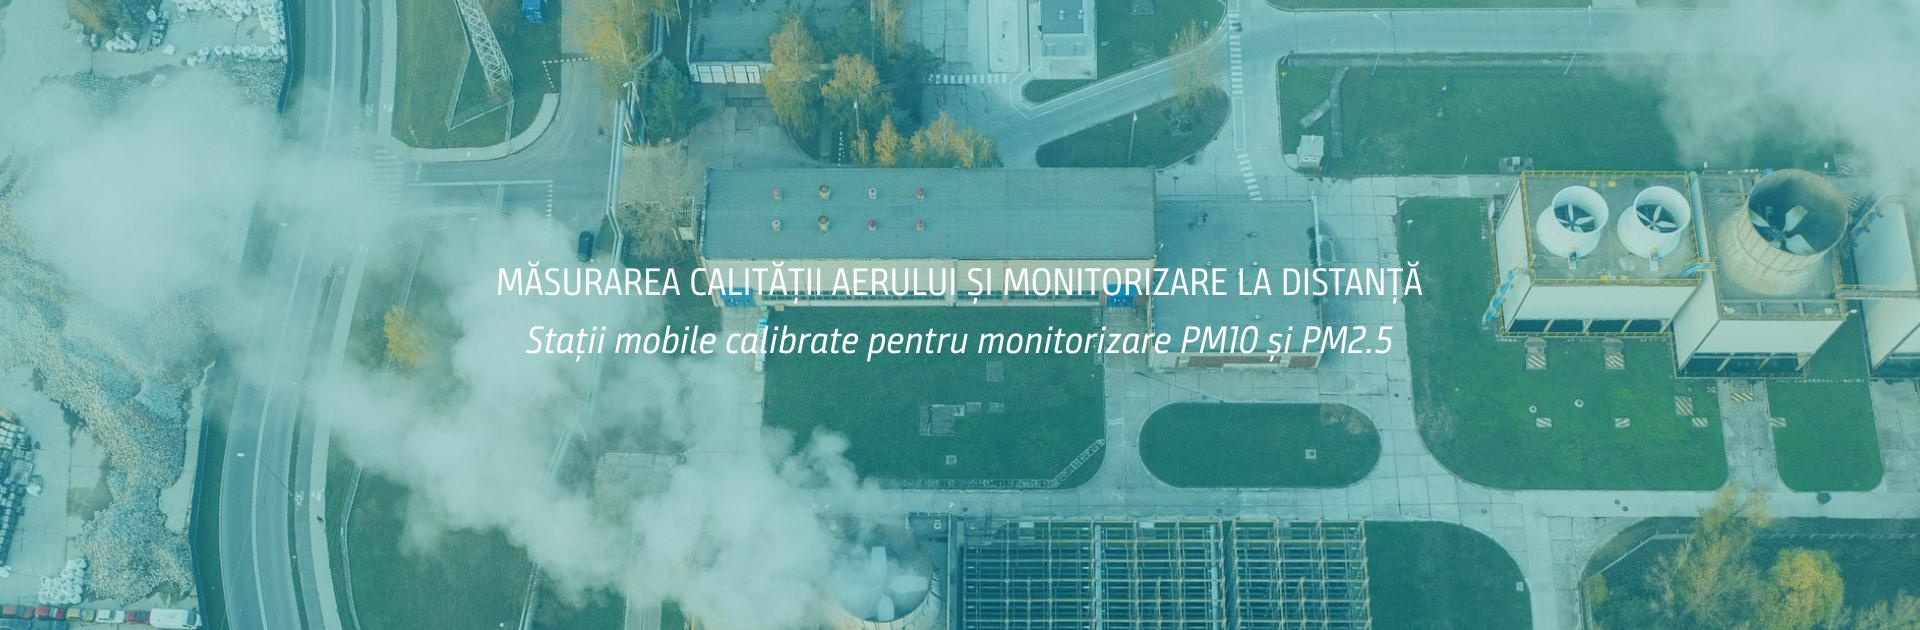 Monitorizare PM10